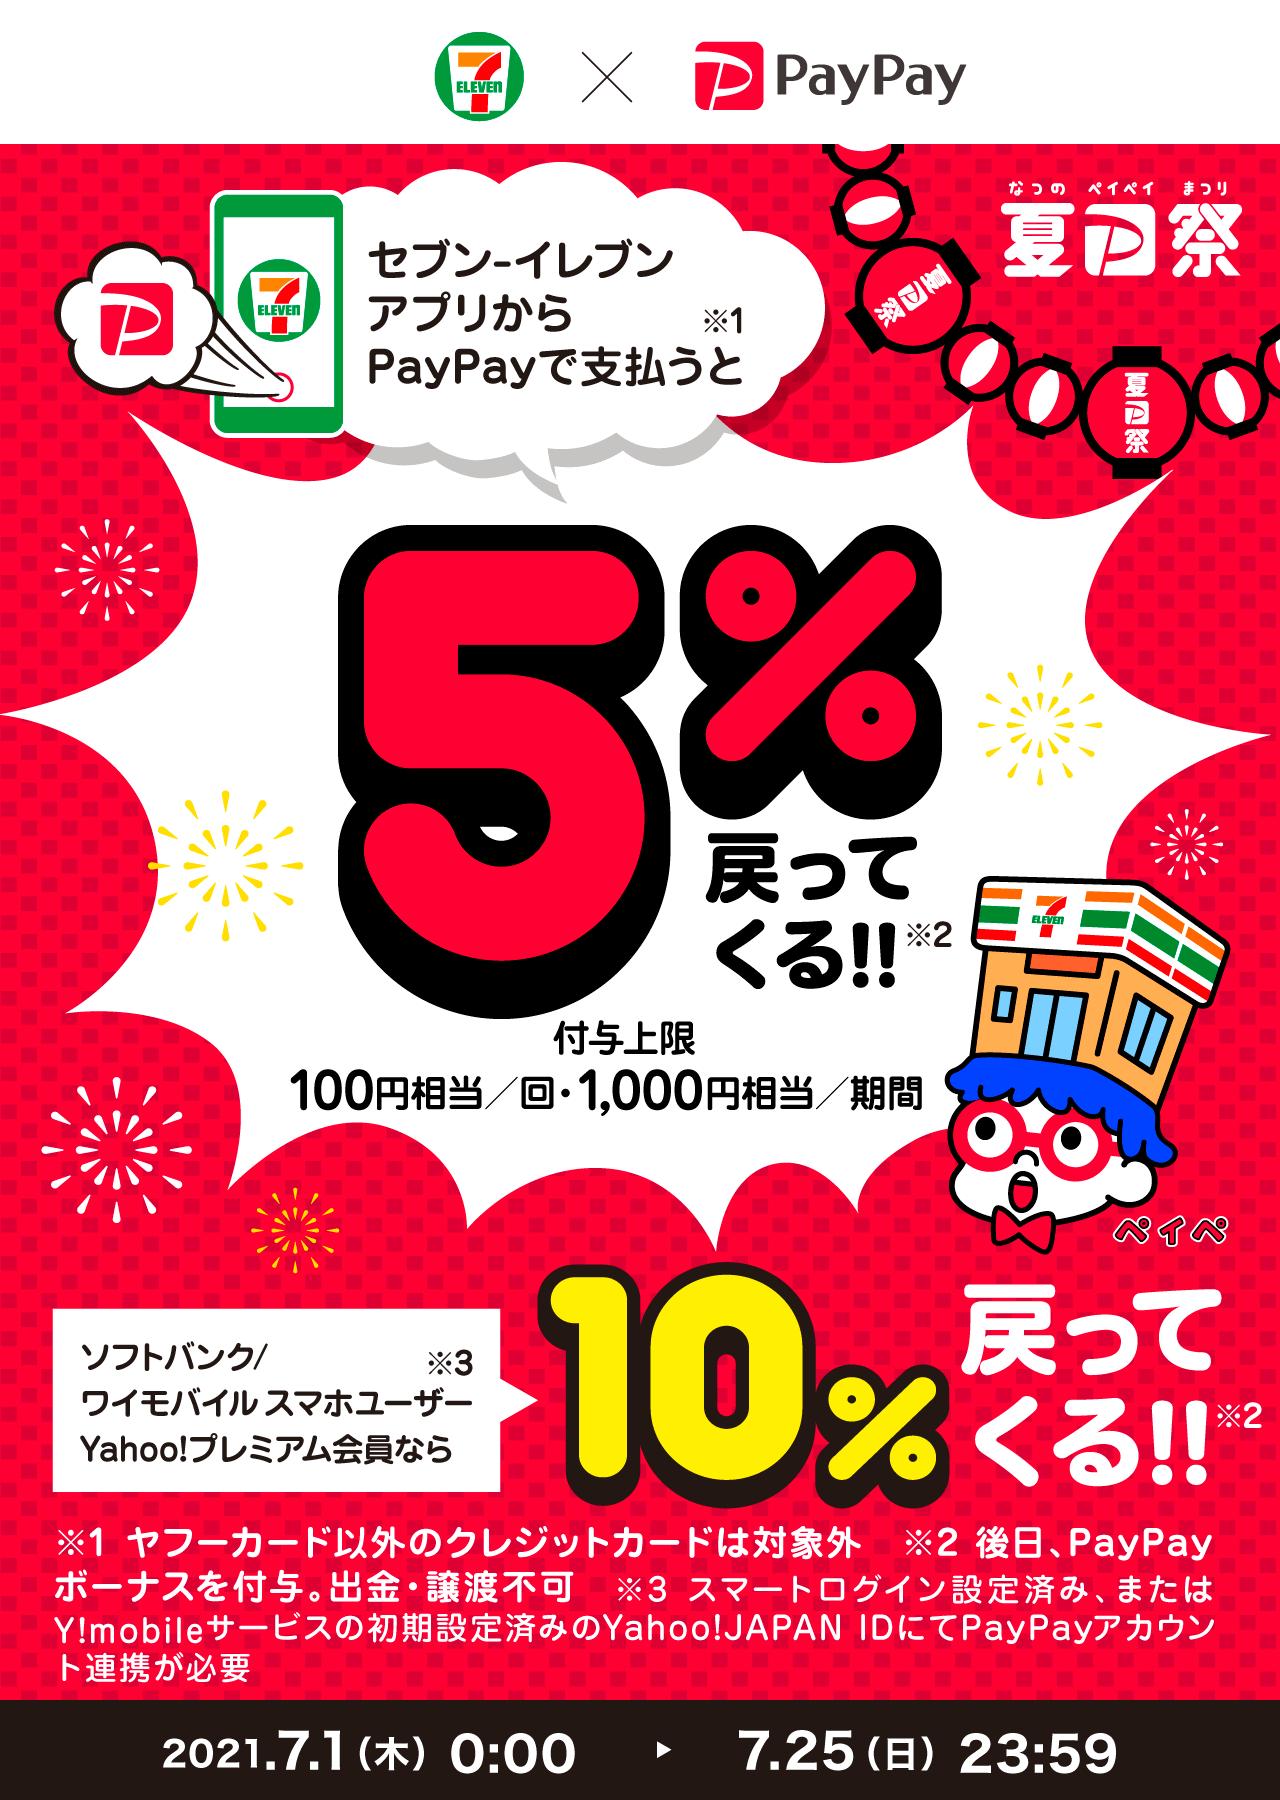 セブン-イレブンアプリからPayPayで支払うと5%戻ってくる!!